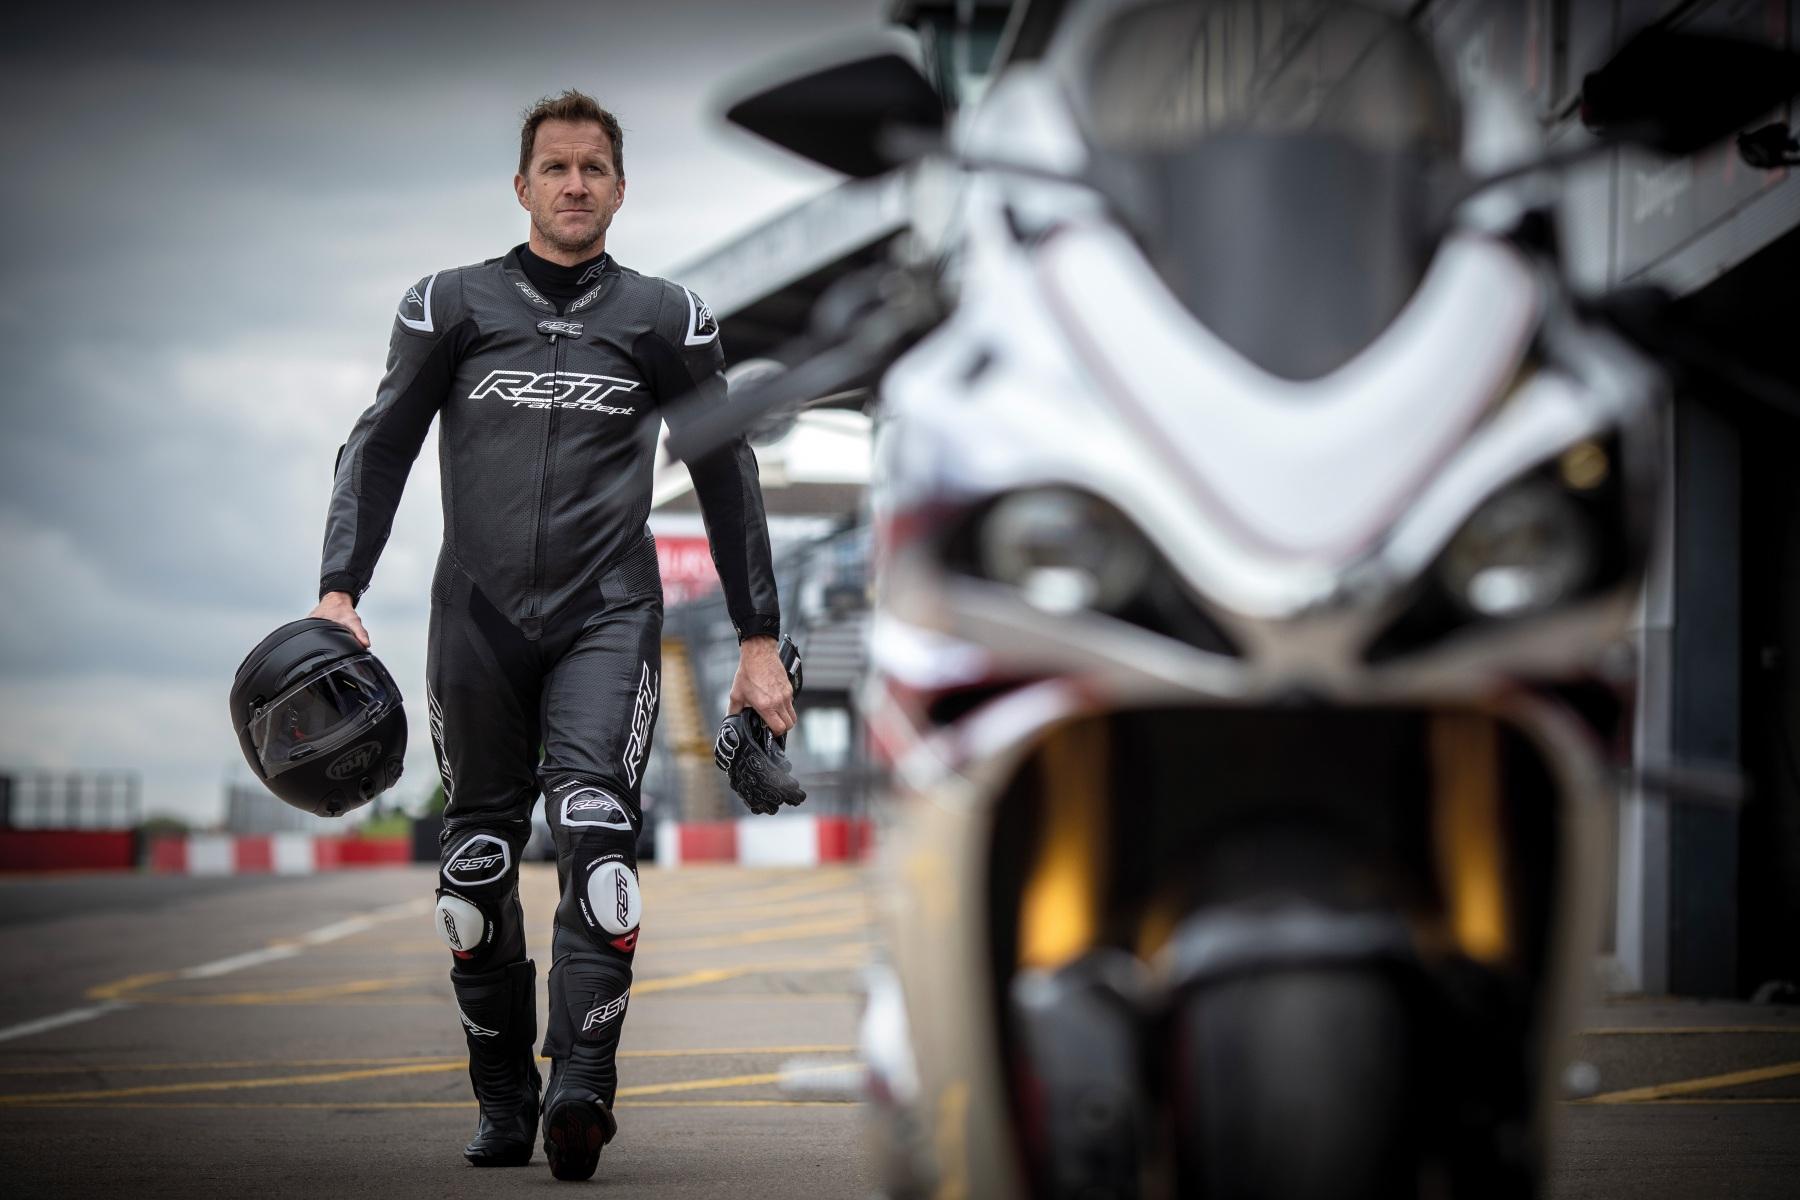 102551-rst-race-dept-v4-1-one-piece-suit-black-lifestyle-01